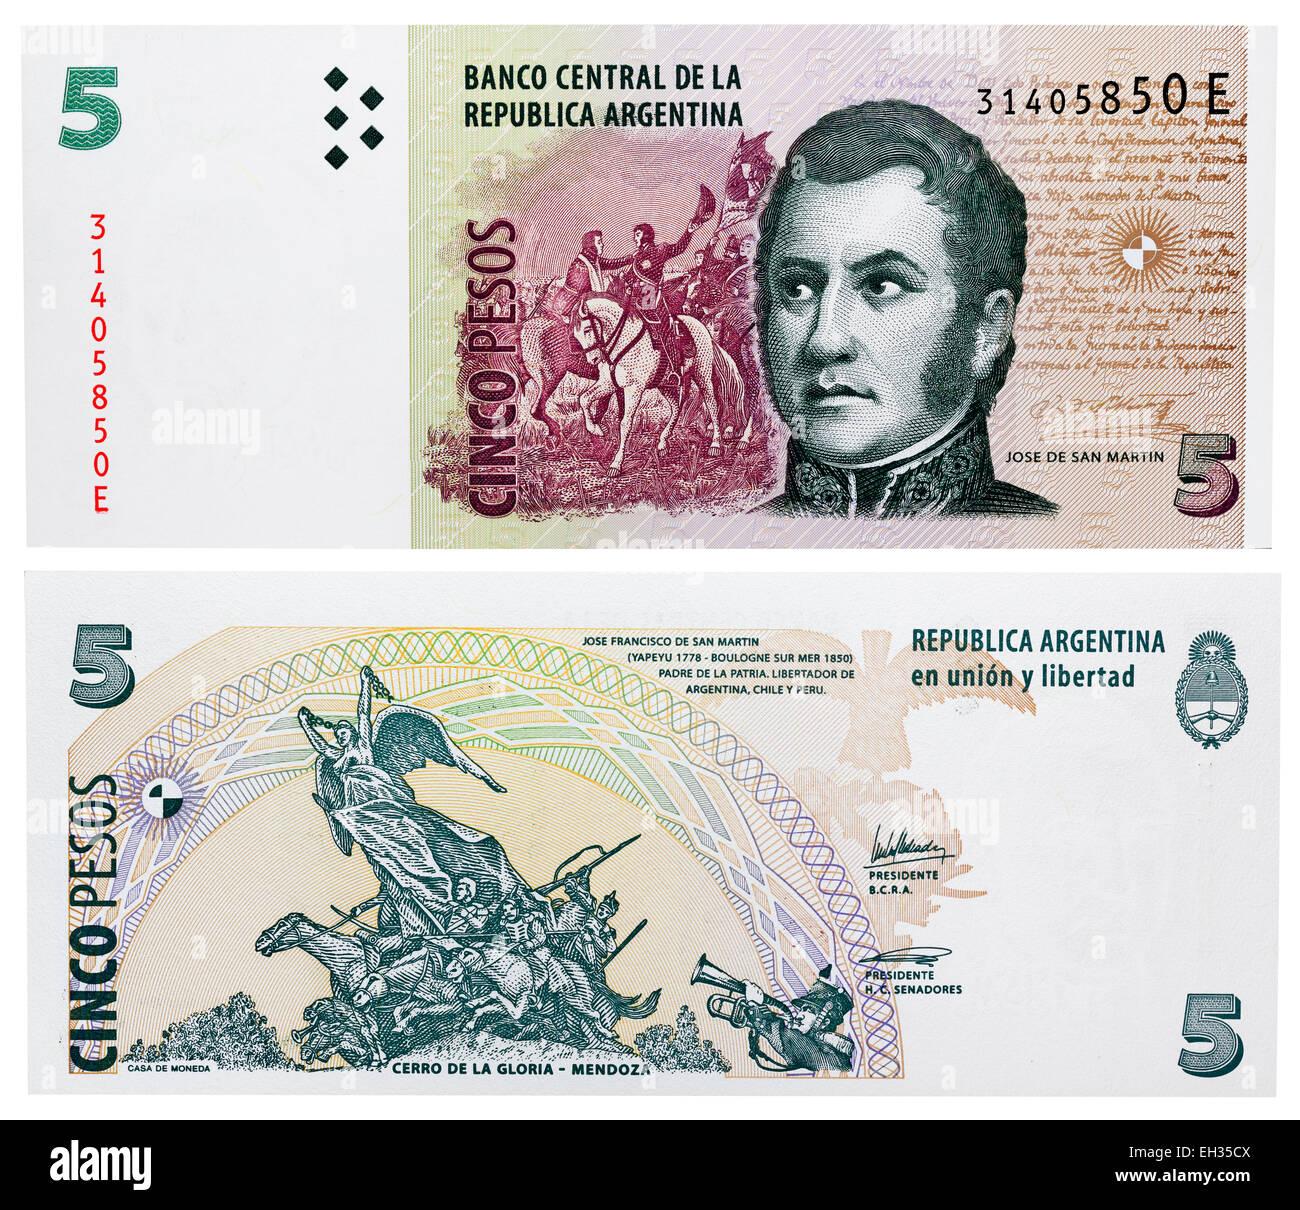 5 pesos banknote, Jose de San Martin, Argentina, 2003 - Stock Image